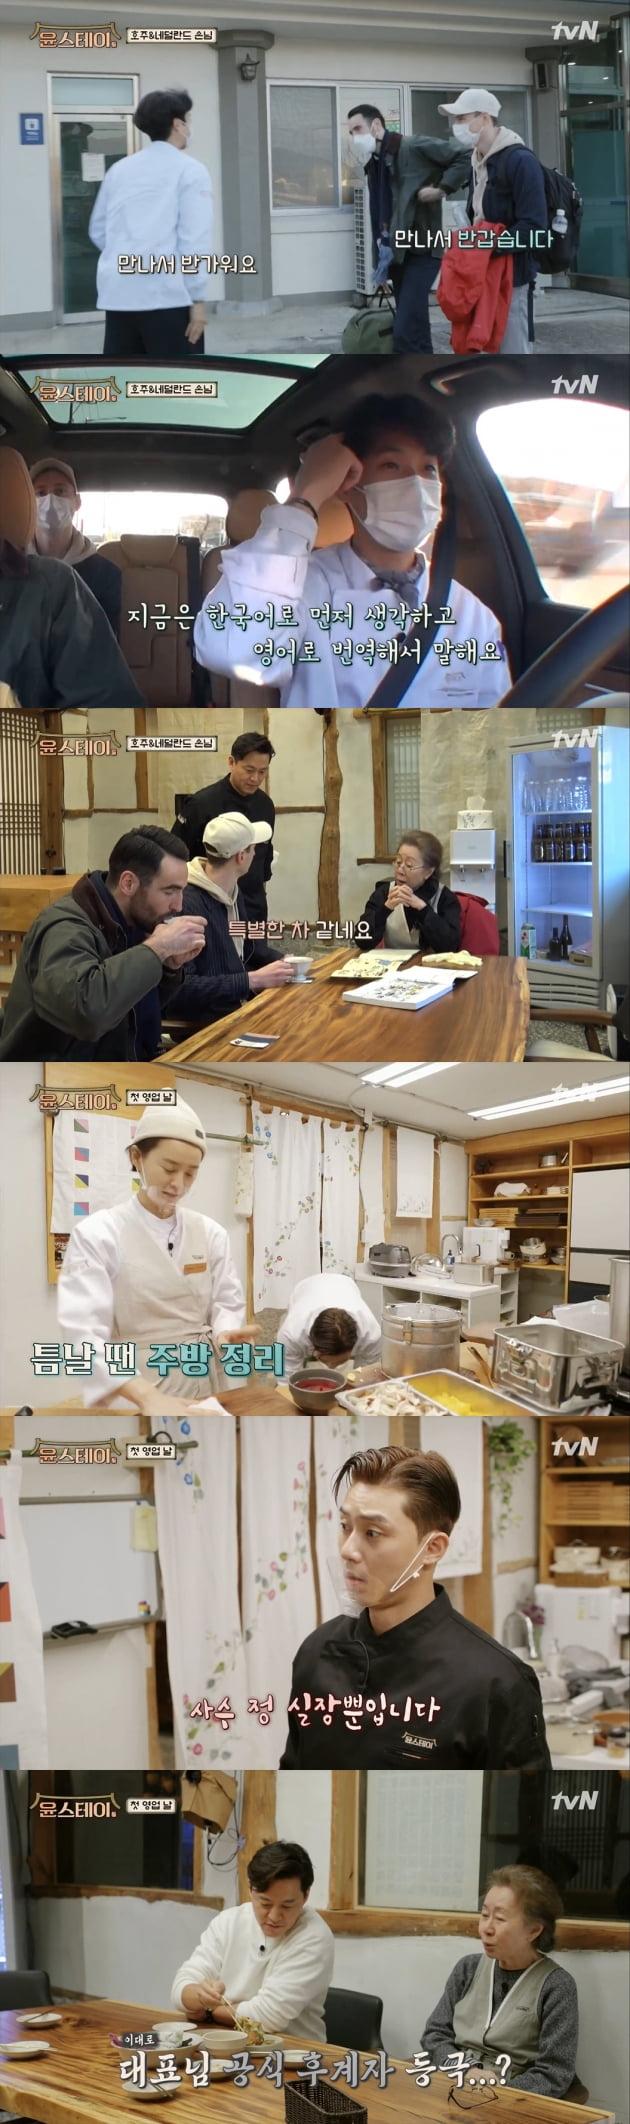 '윤스테이'가 영업을 시작했다. / 사진=tvN 방송 캡처